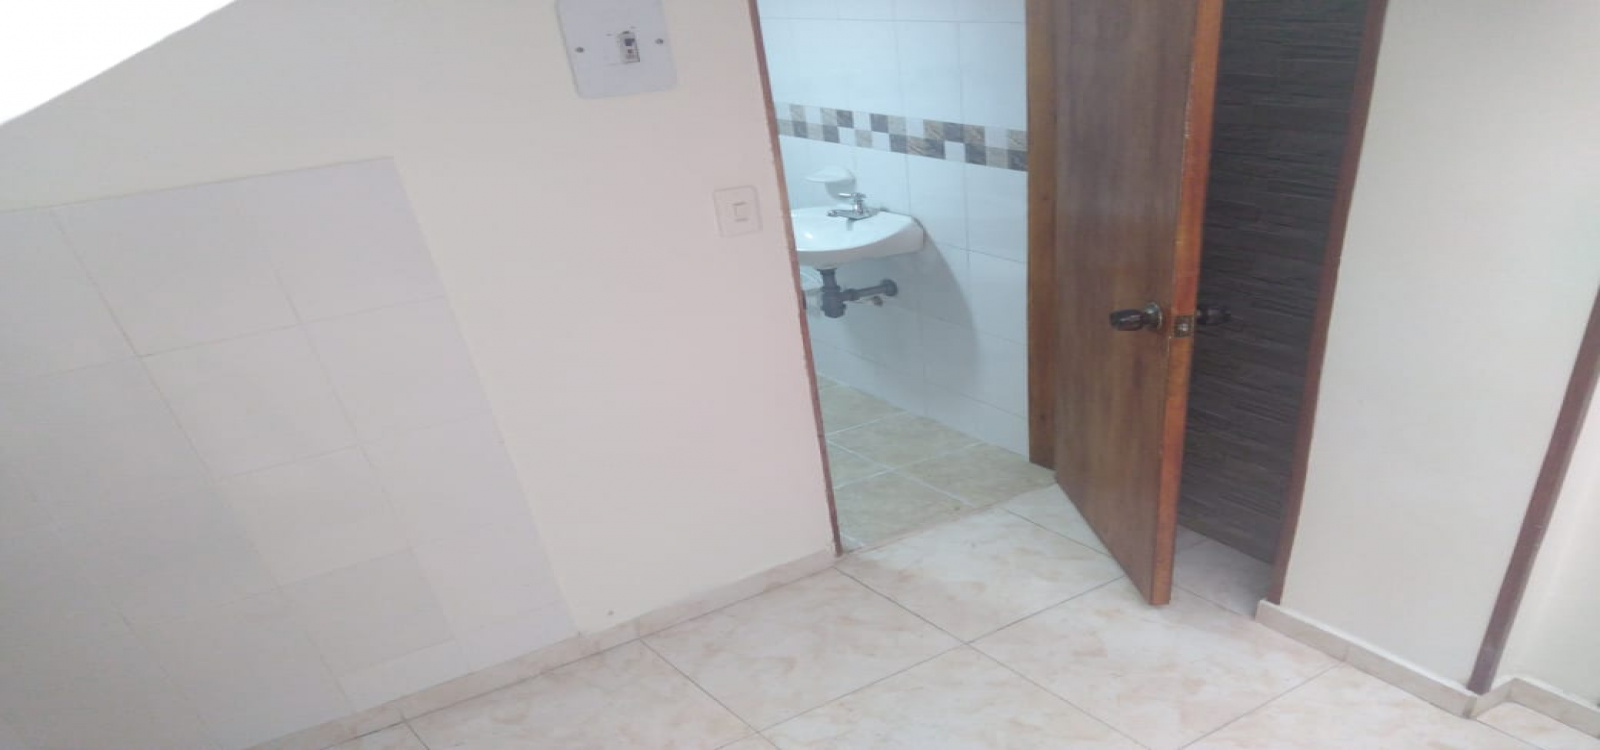 12D- 15 1A, Bogotá, Occidente, 2 Habitaciones Habitaciones,1 BañoBathrooms,Apartamentos,Arriendo,1A,2954